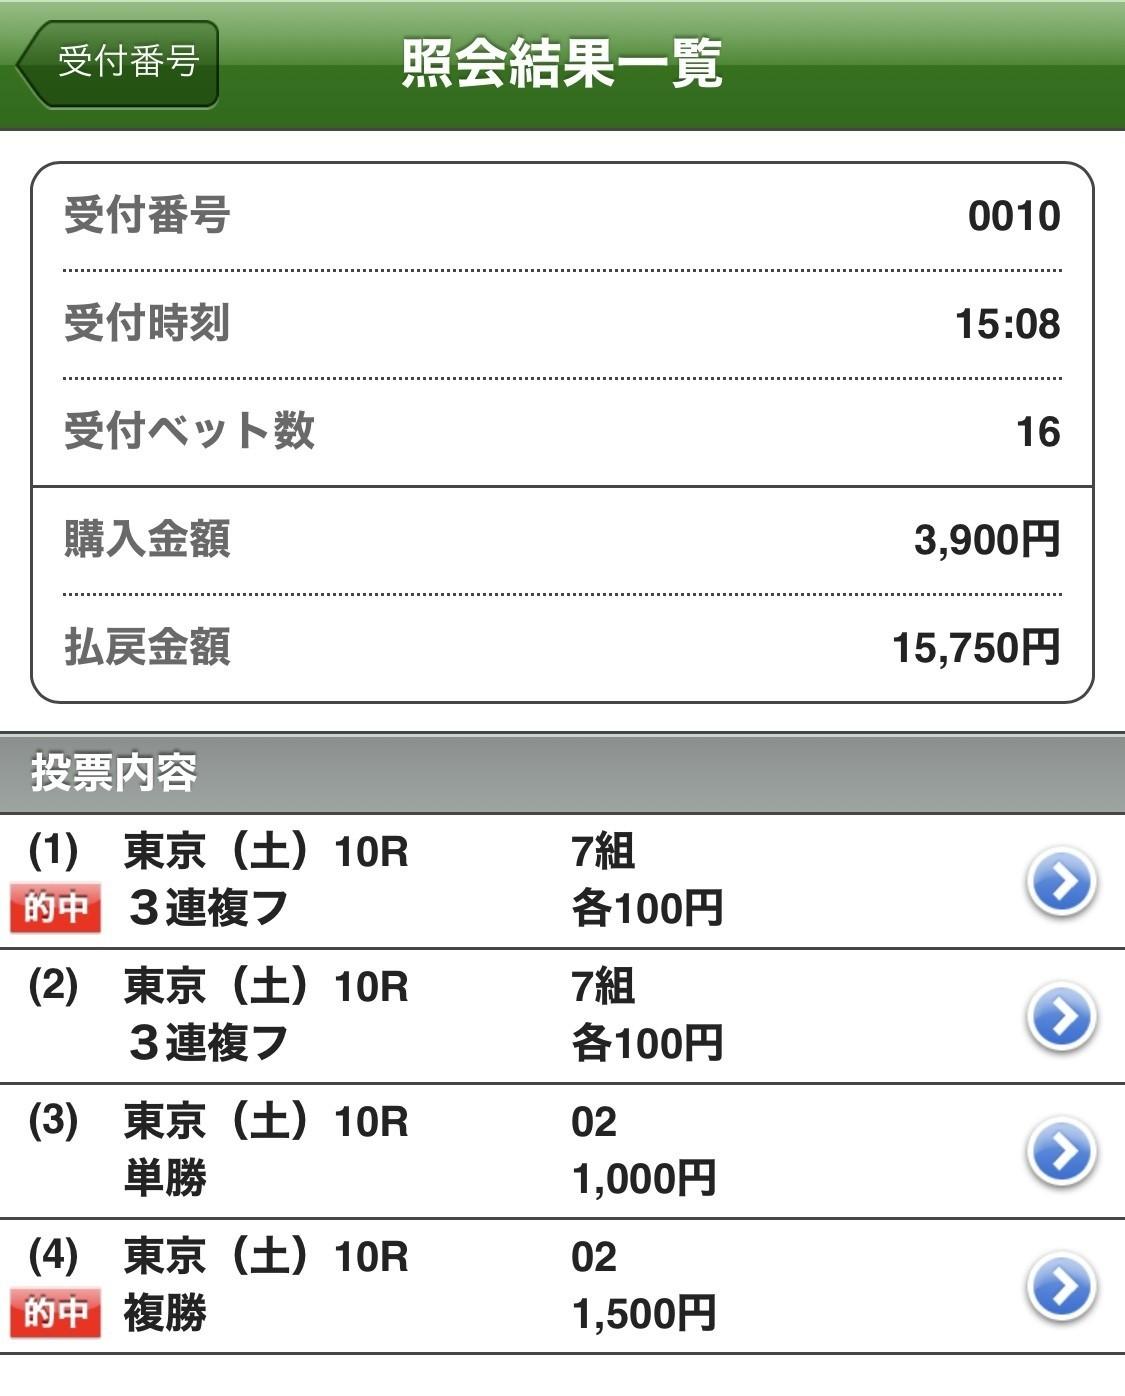 払い戻し 京都 競馬 結果